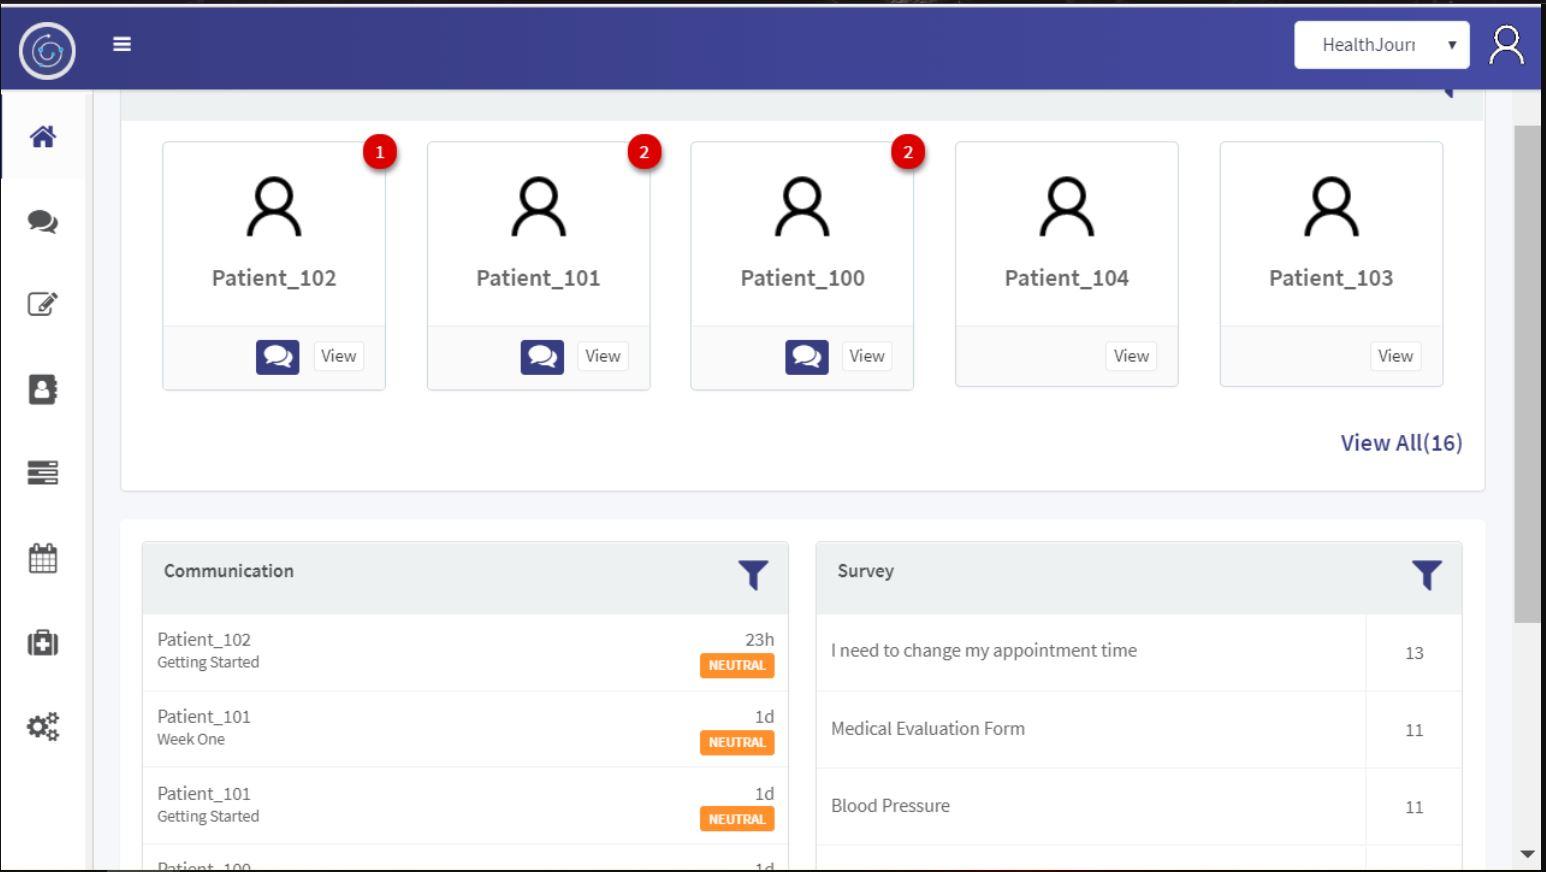 JourneyLabs patient records